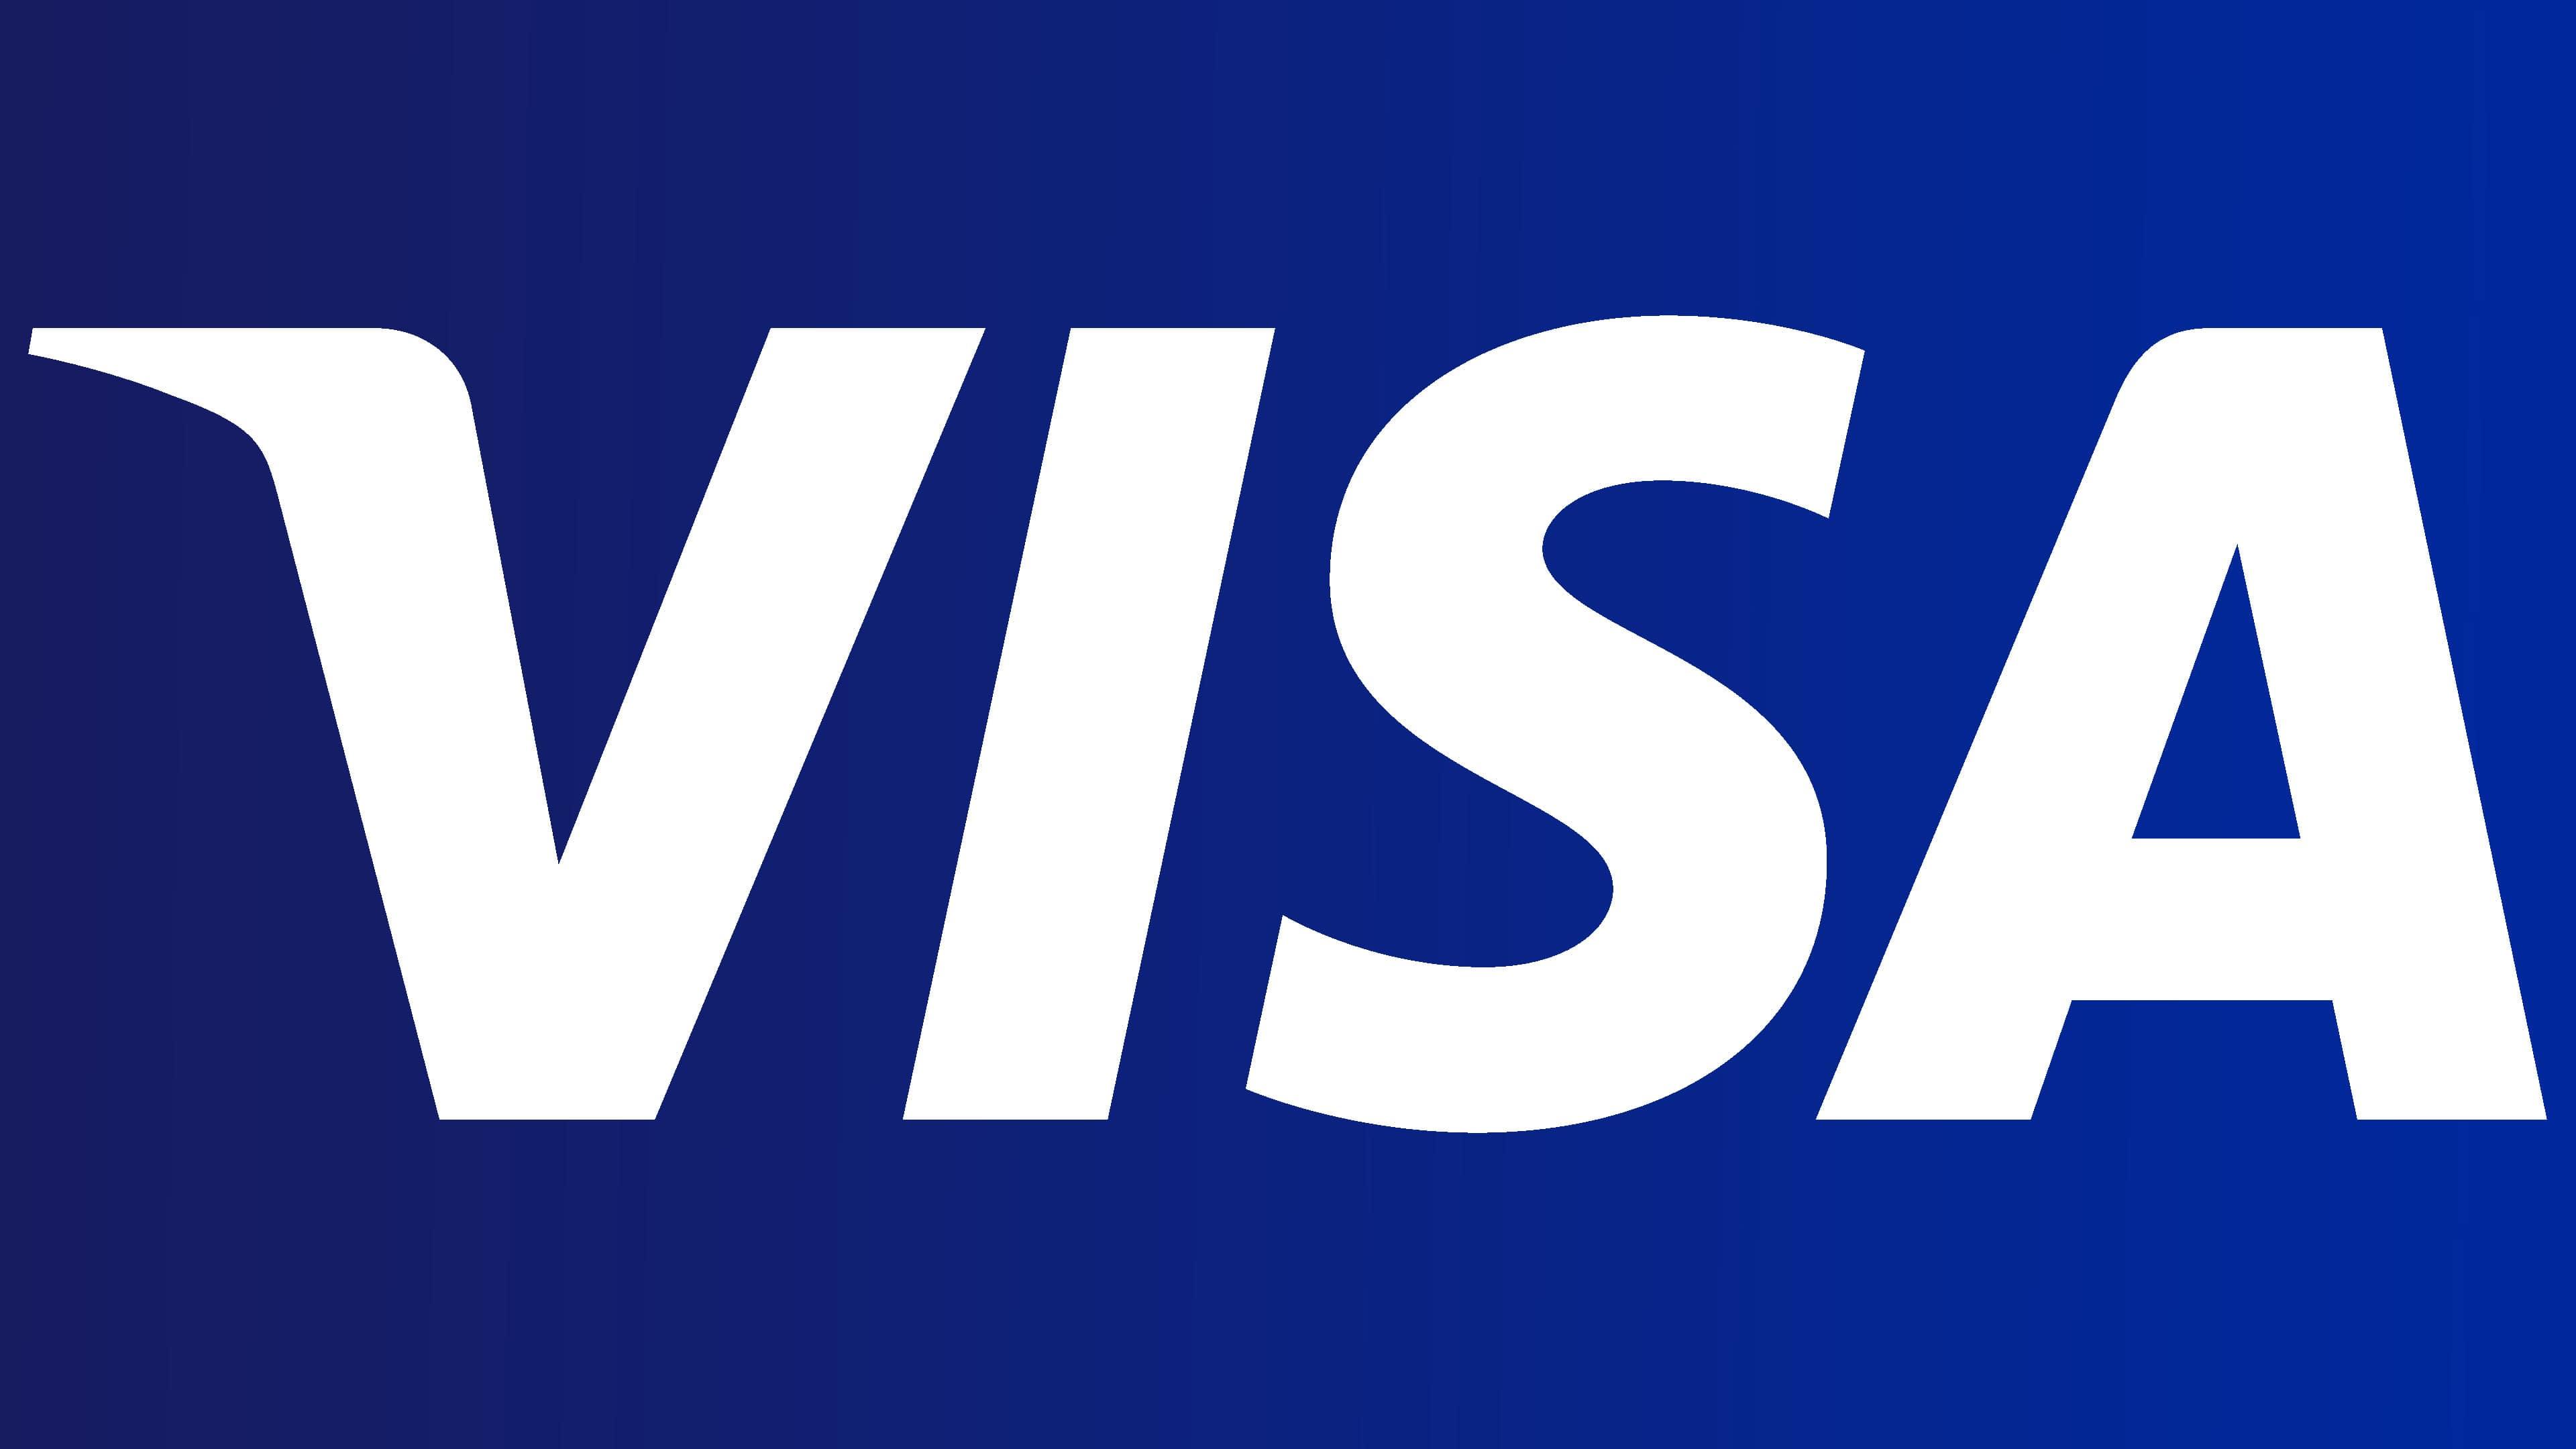 https://0901.nccdn.net/4_2/000/000/03f/ac7/visa-emblem.jpg